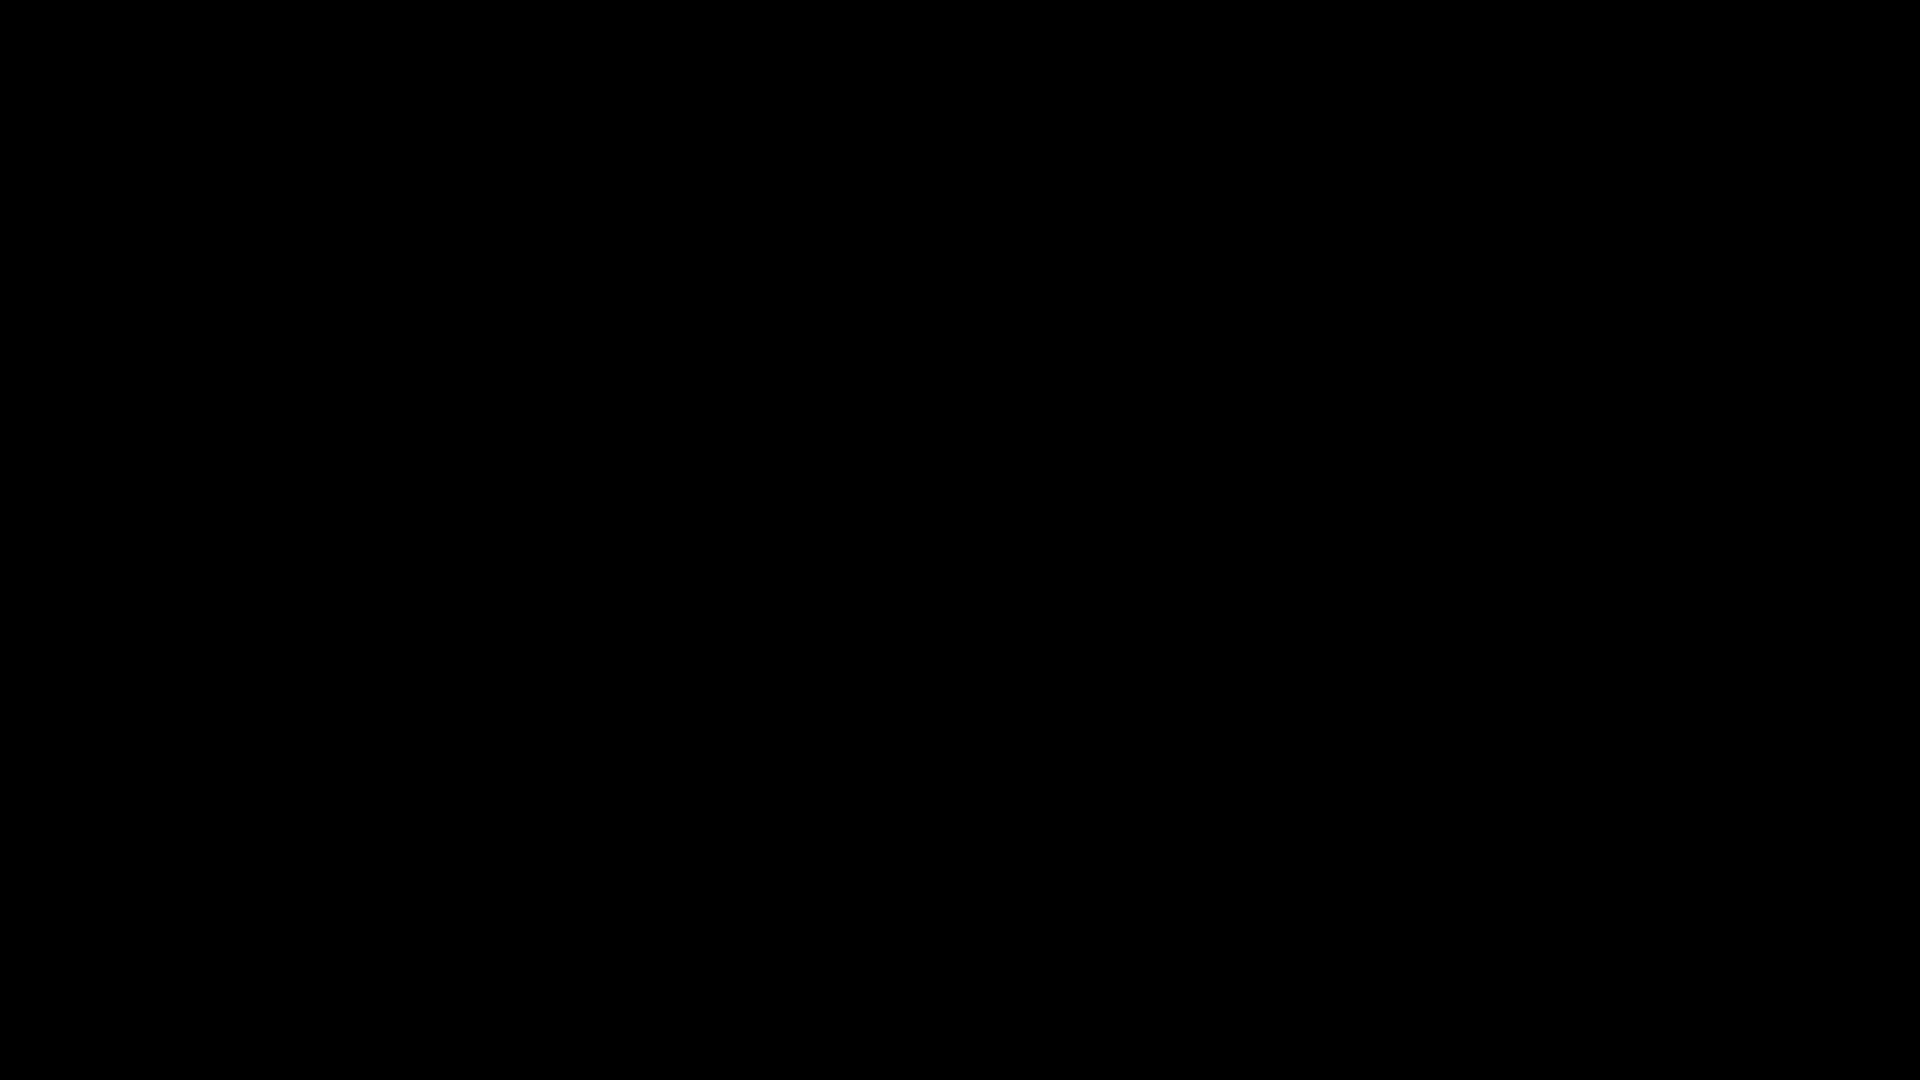 ショップオンライントレンドクロームアルミセラミックコーナートリム用タイル